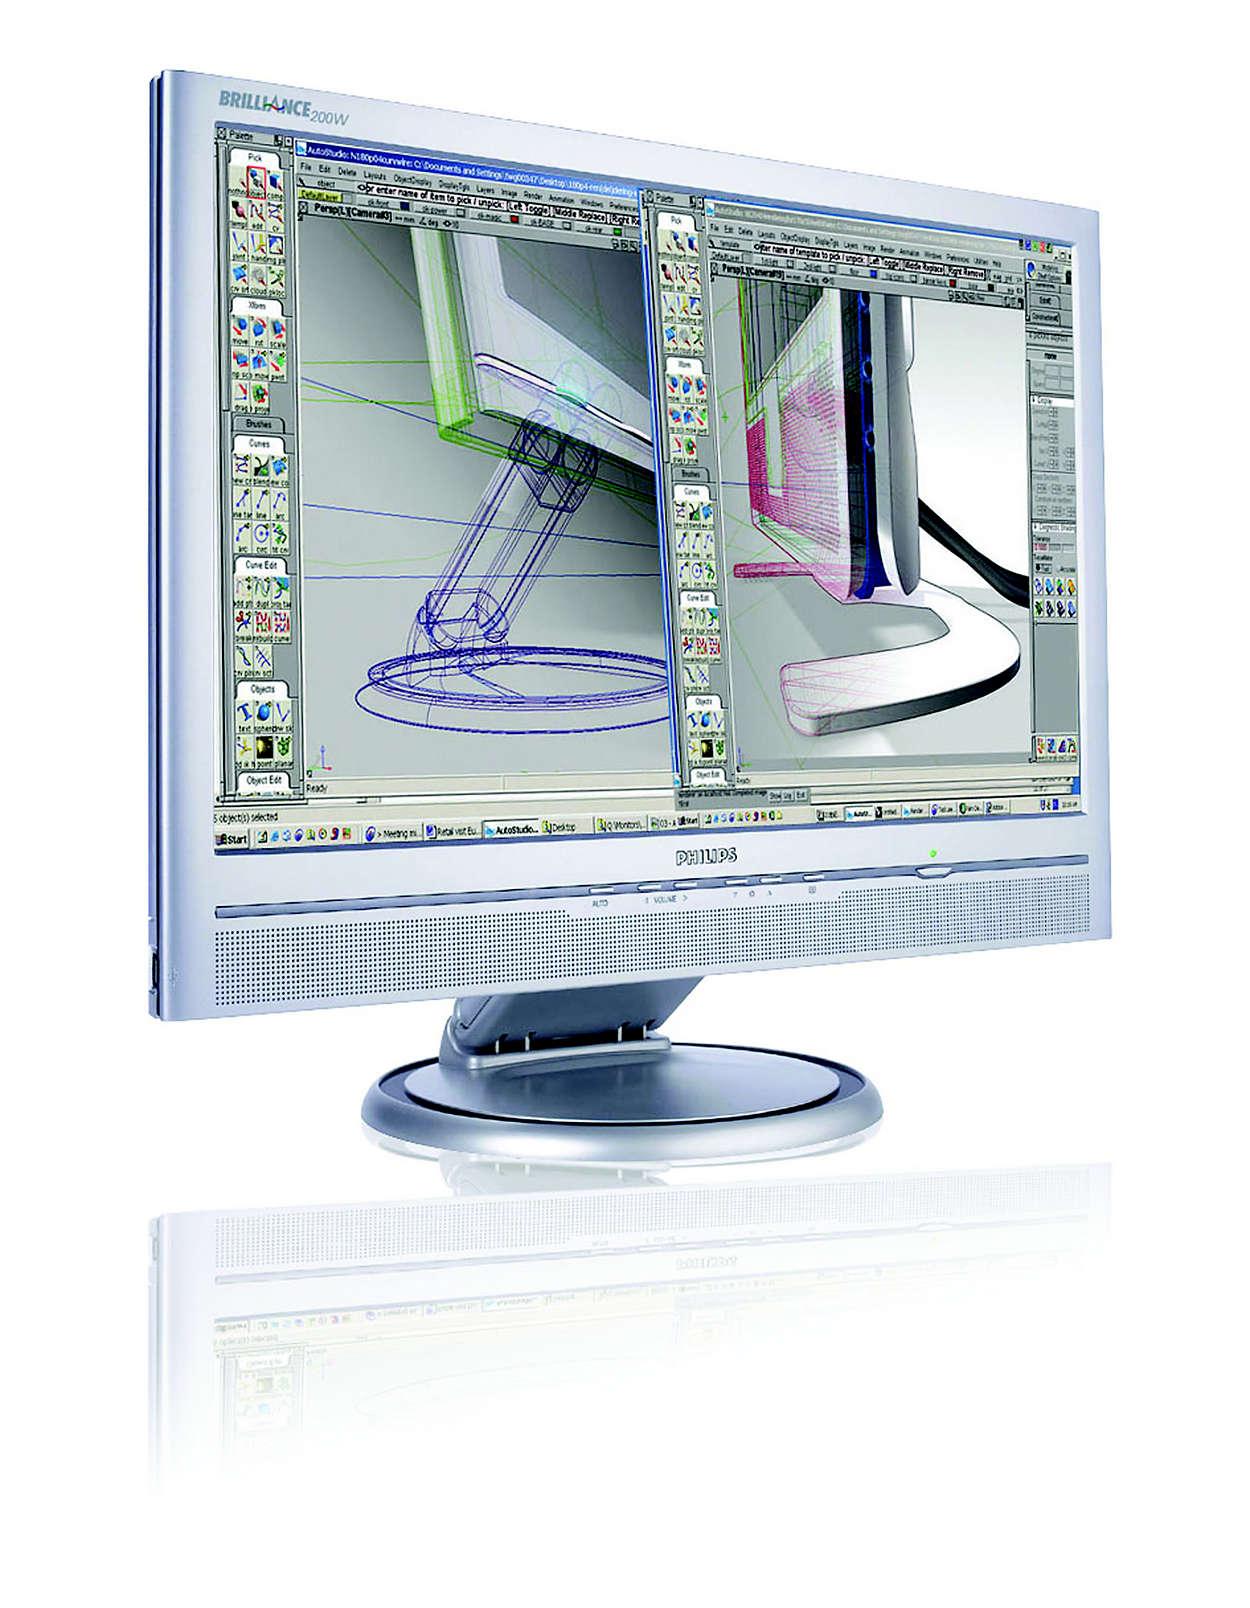 Büyük ve geniş ekran verimliliği için en iyi seçim.